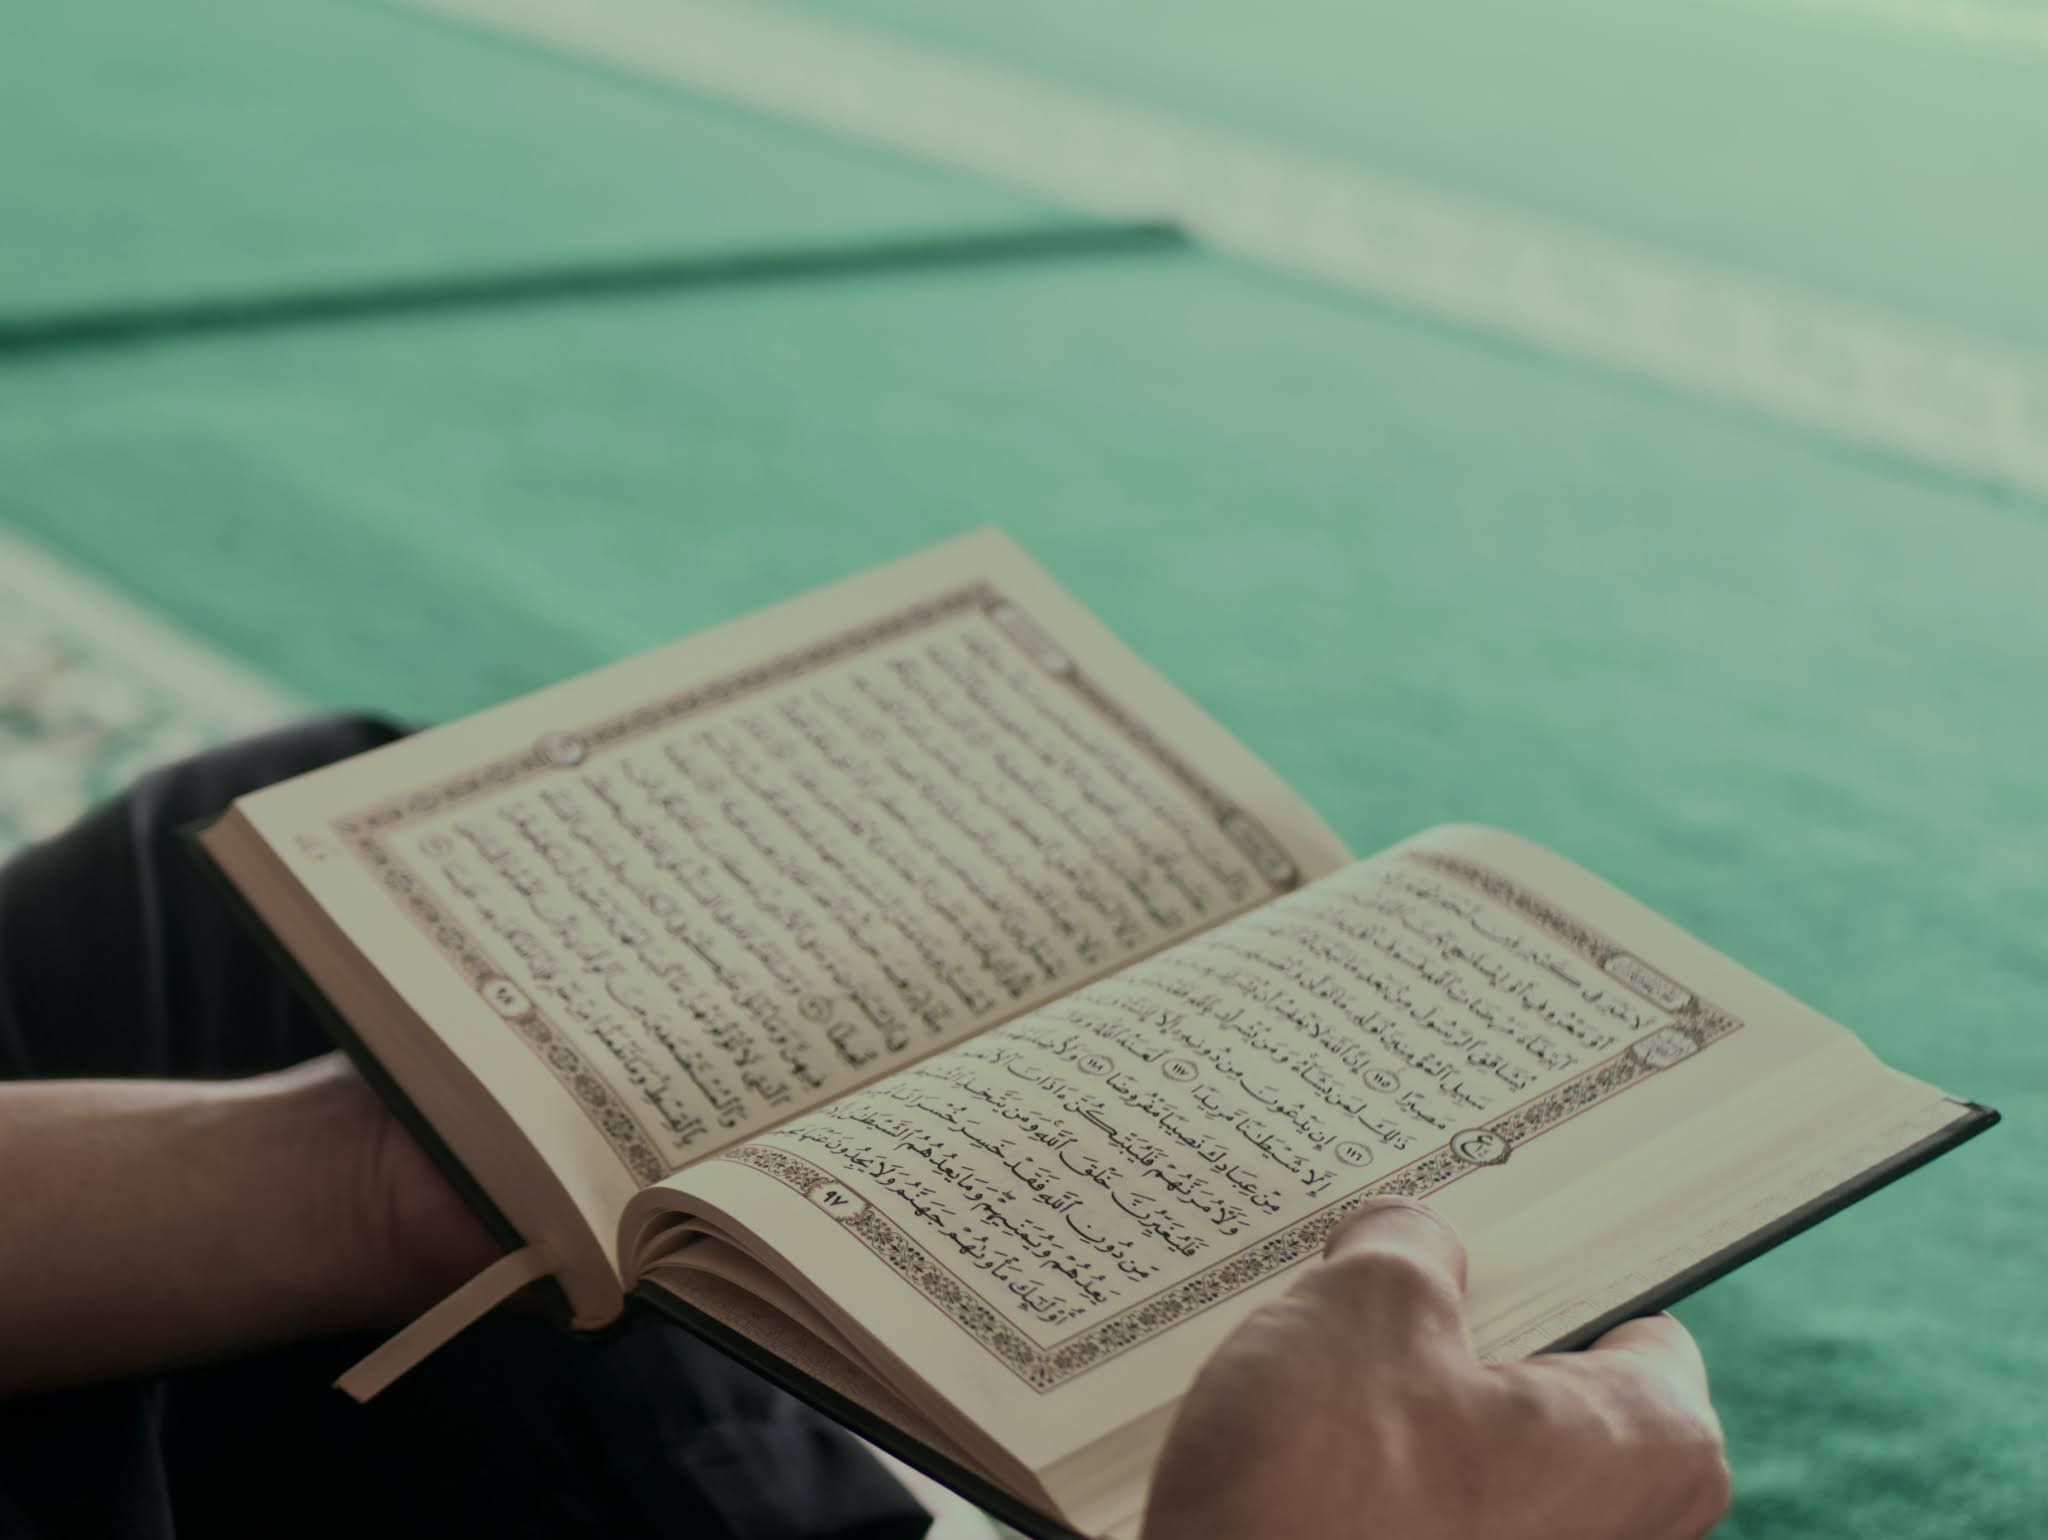 হযরত বিলাল (রাদিঃ) এর ইসলাম গ্রহণের ঘটনা